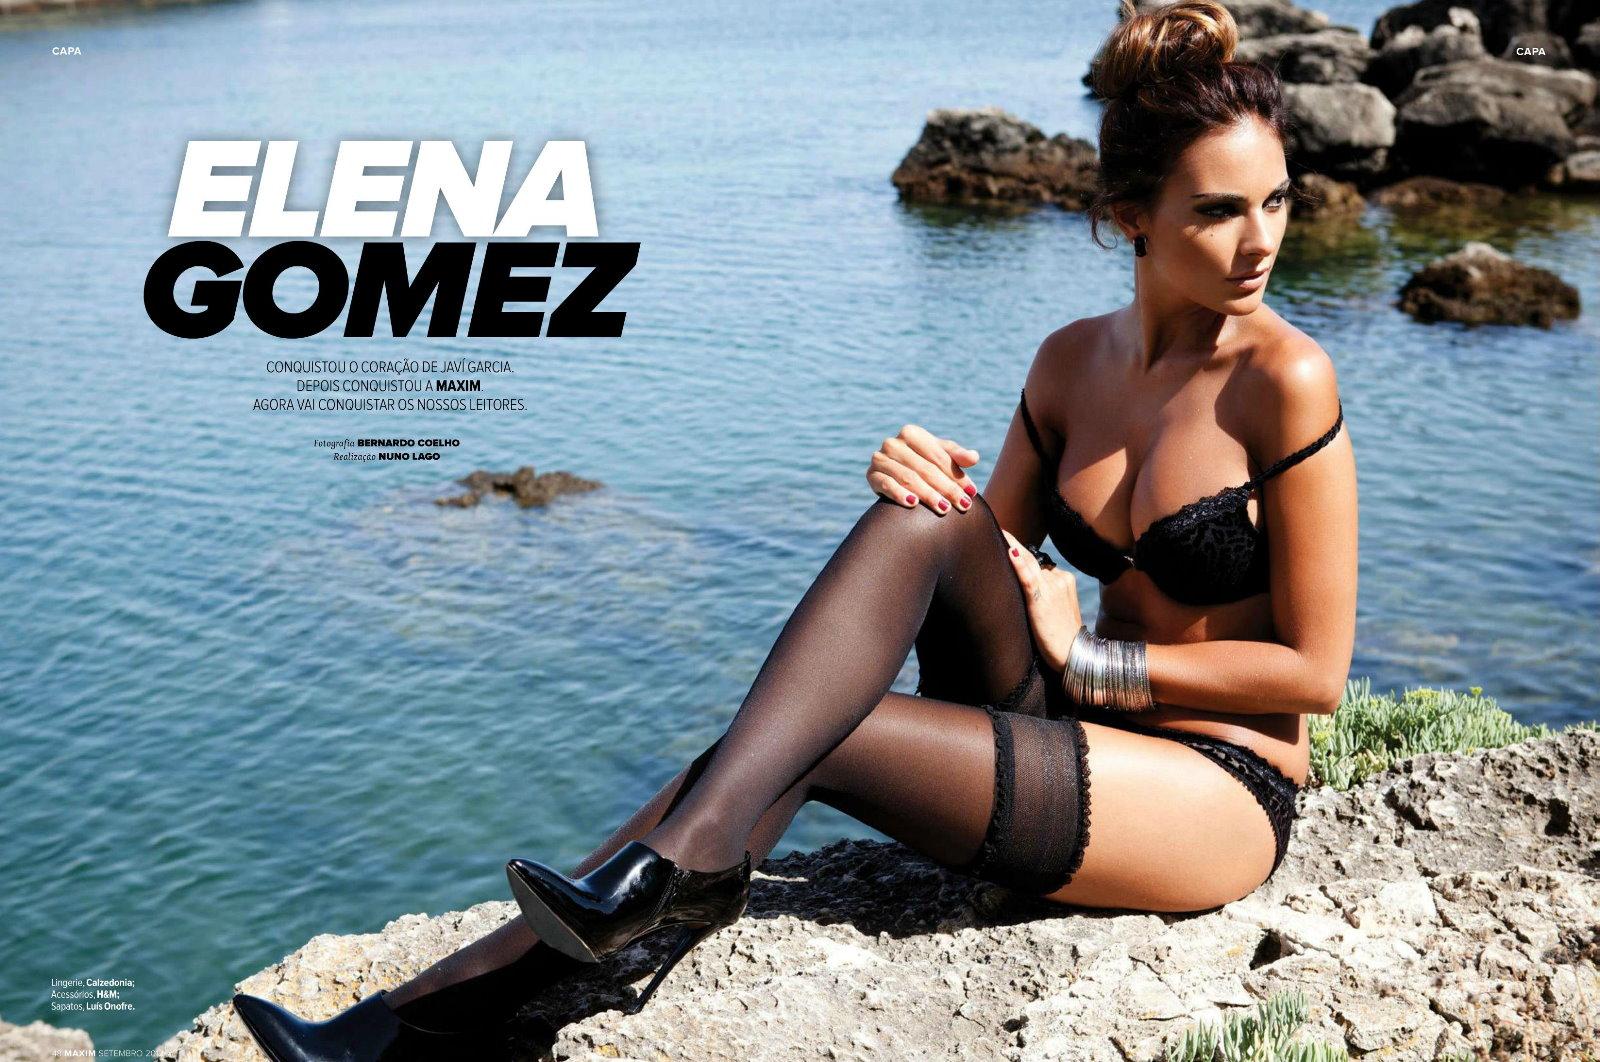 elena gomez servera - photo #15